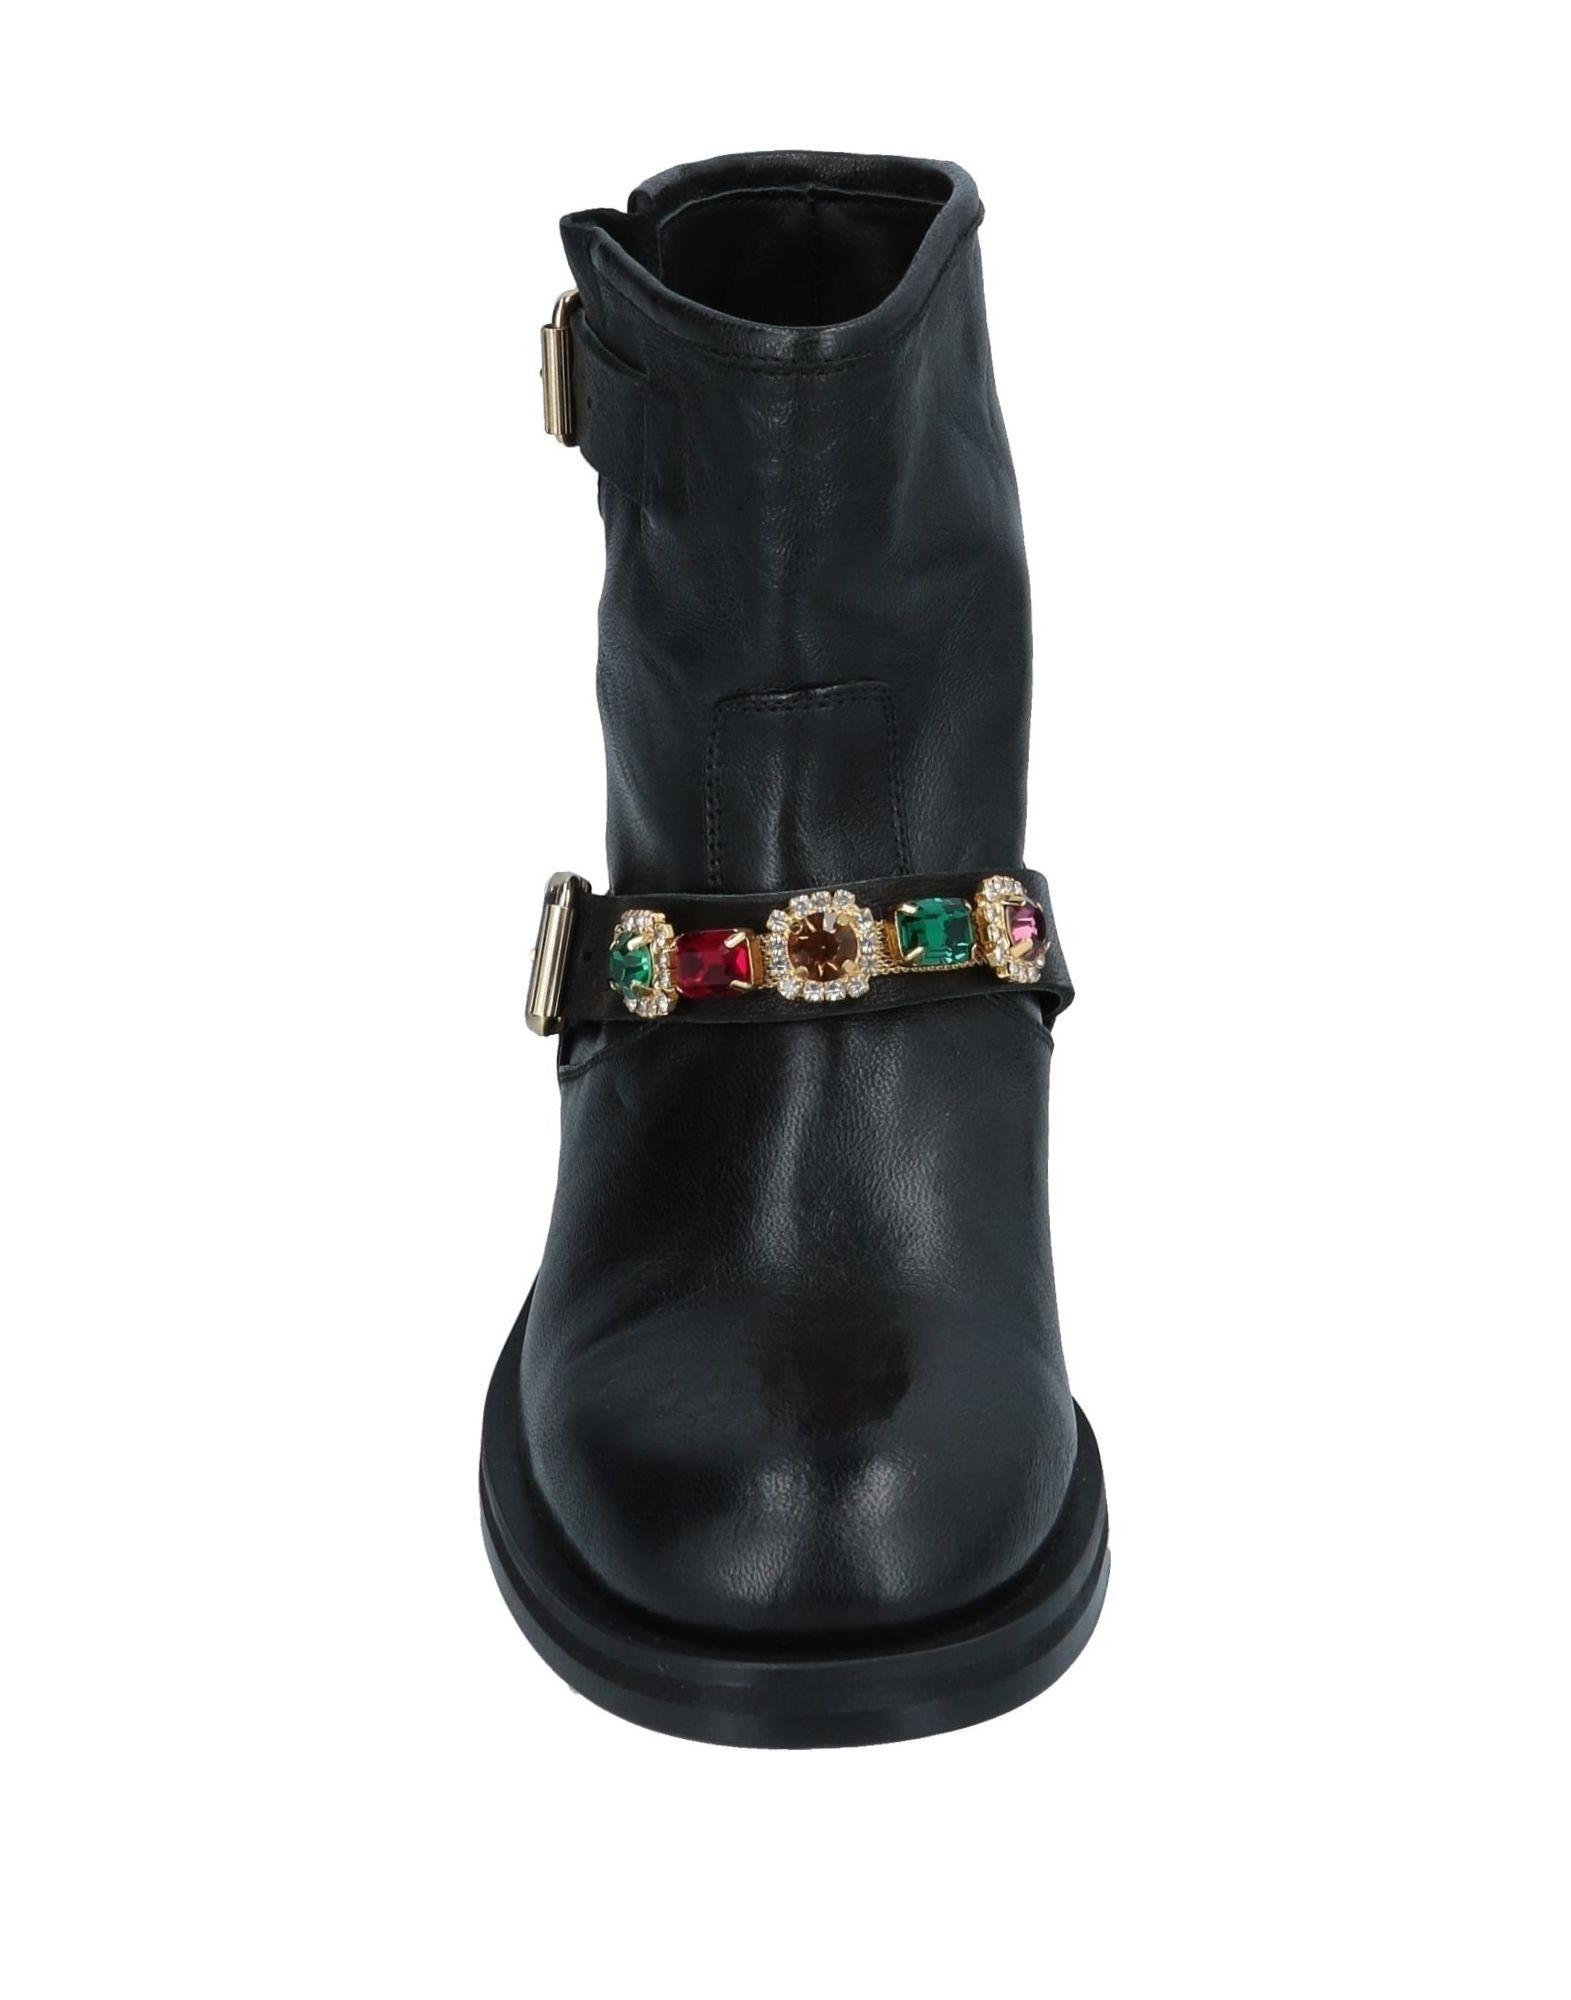 Pinko Ankle Boot Boot Boot - Women Pinko Ankle Boots online on  United Kingdom - 11553356KI ee3c85